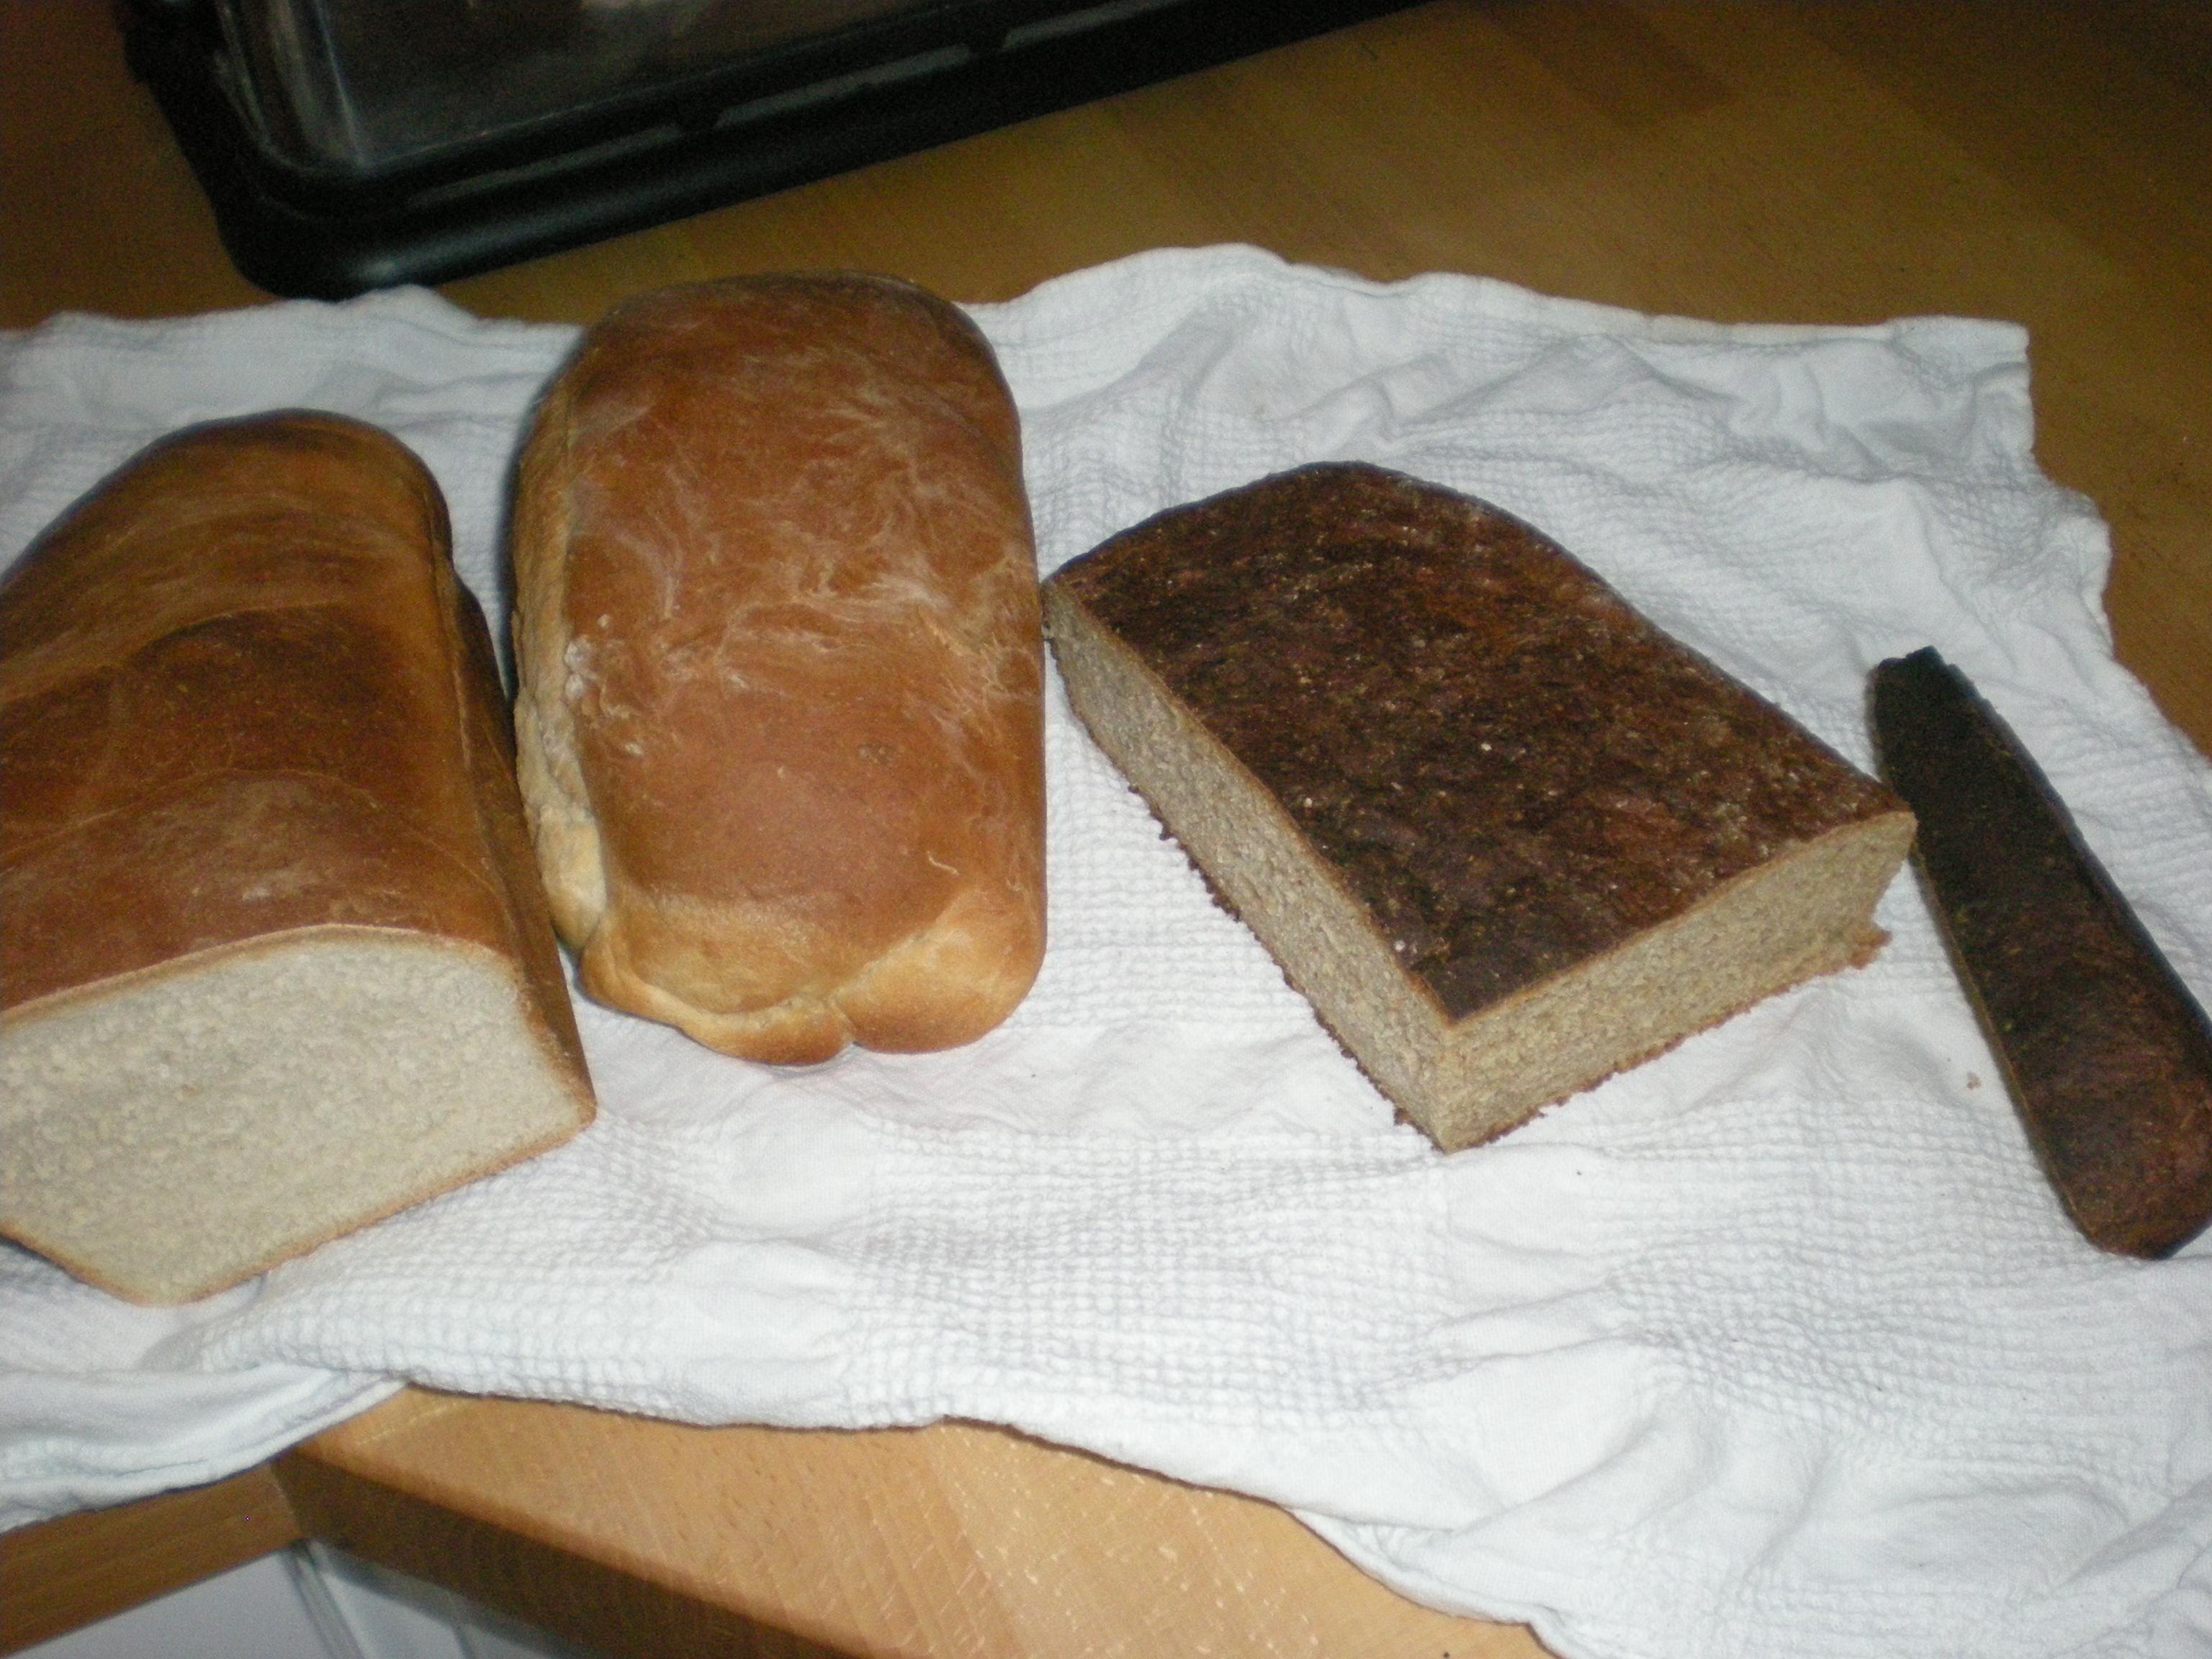 Bread, no prescription necessary